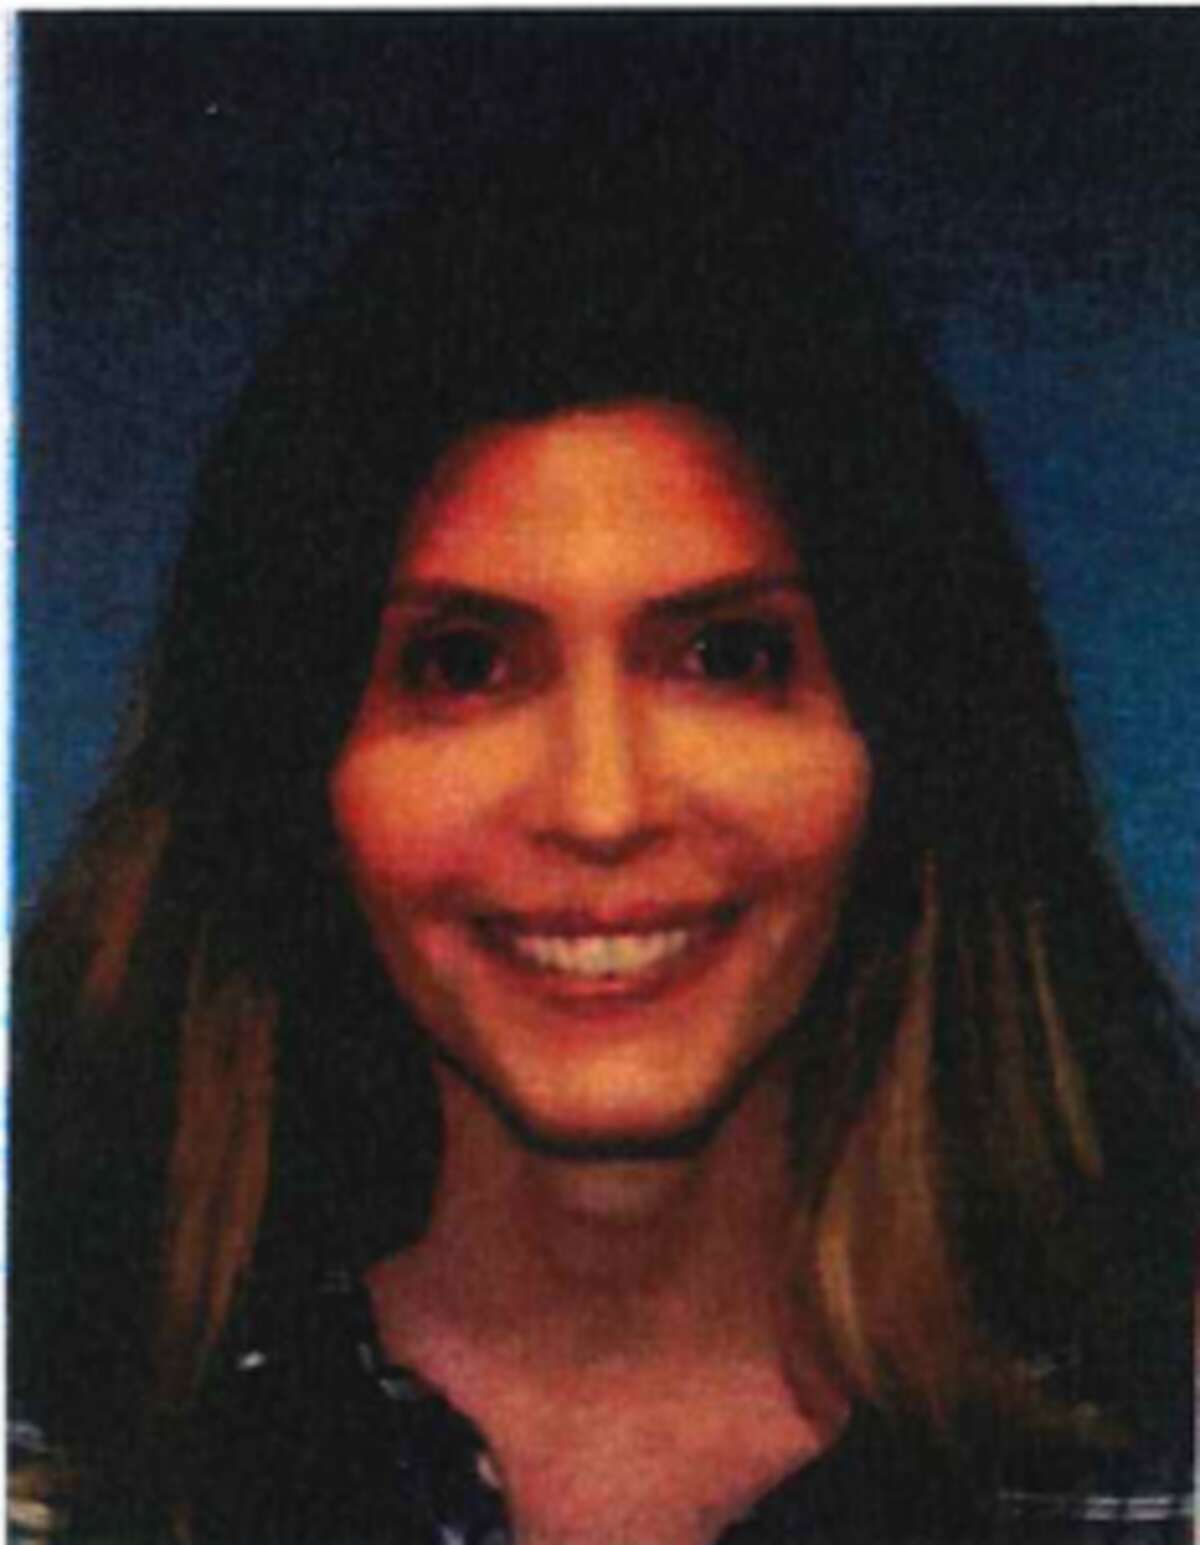 Jennifer Dulos. Contributed photo